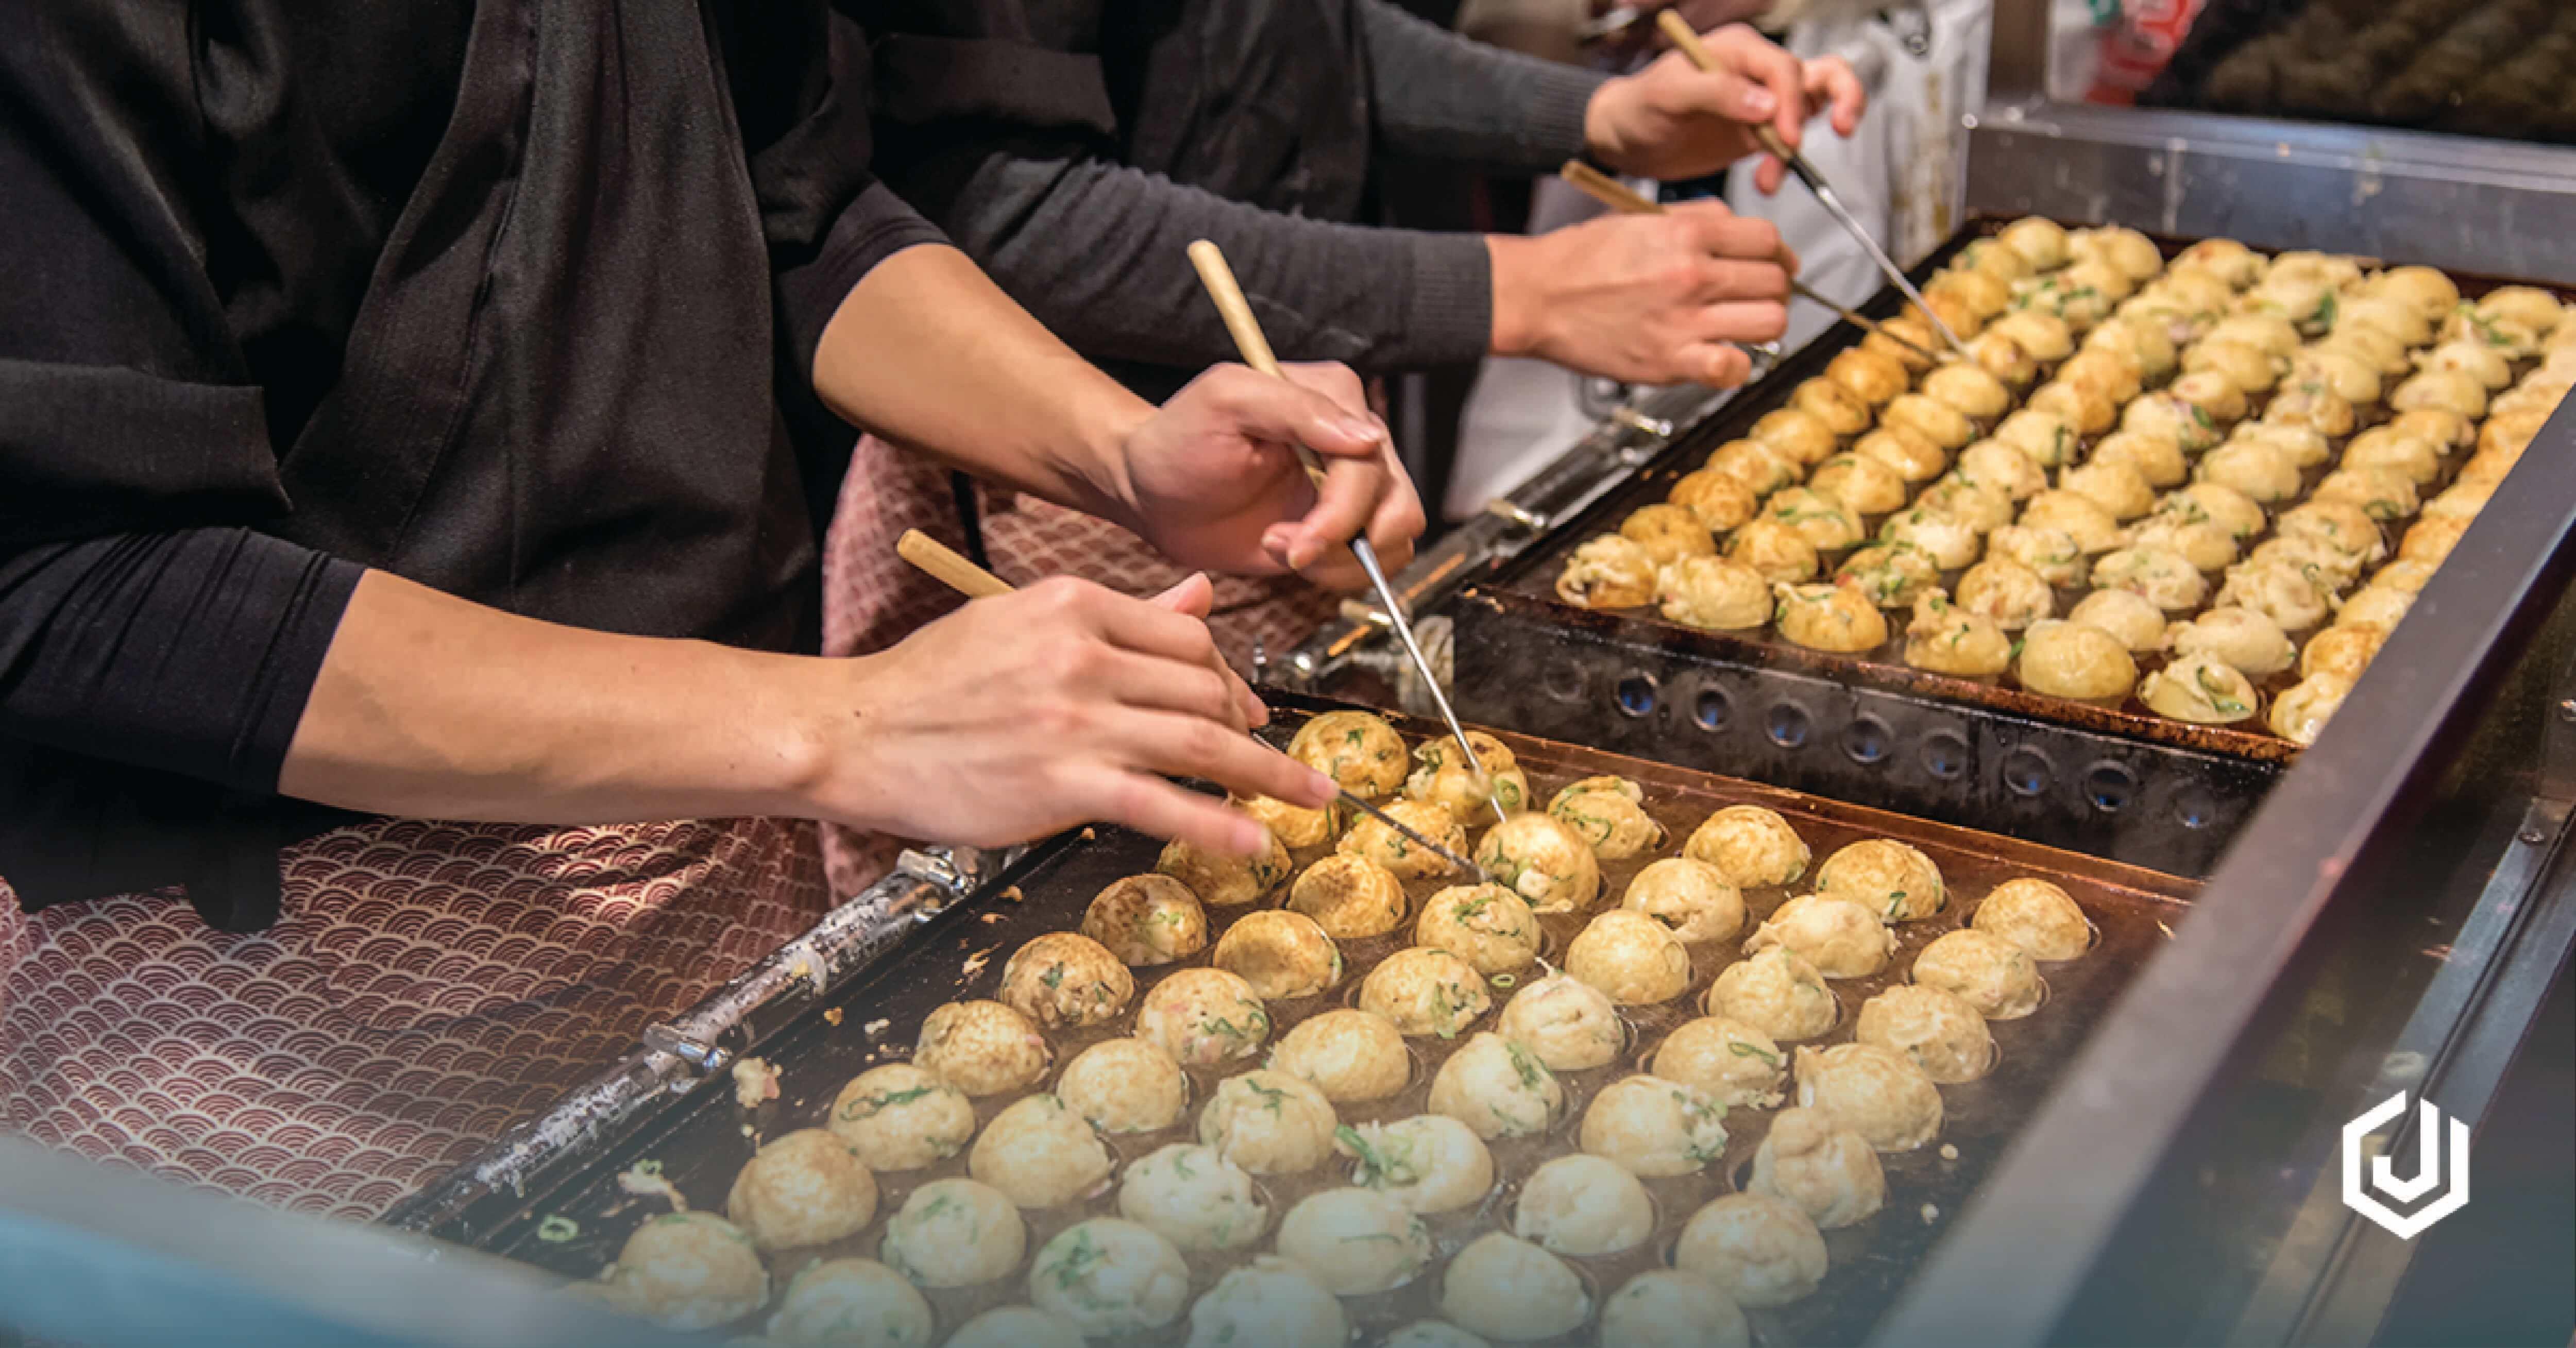 10 Peluang Bisnis Makanan yang Tren di Indonesia - Jurnal Blog